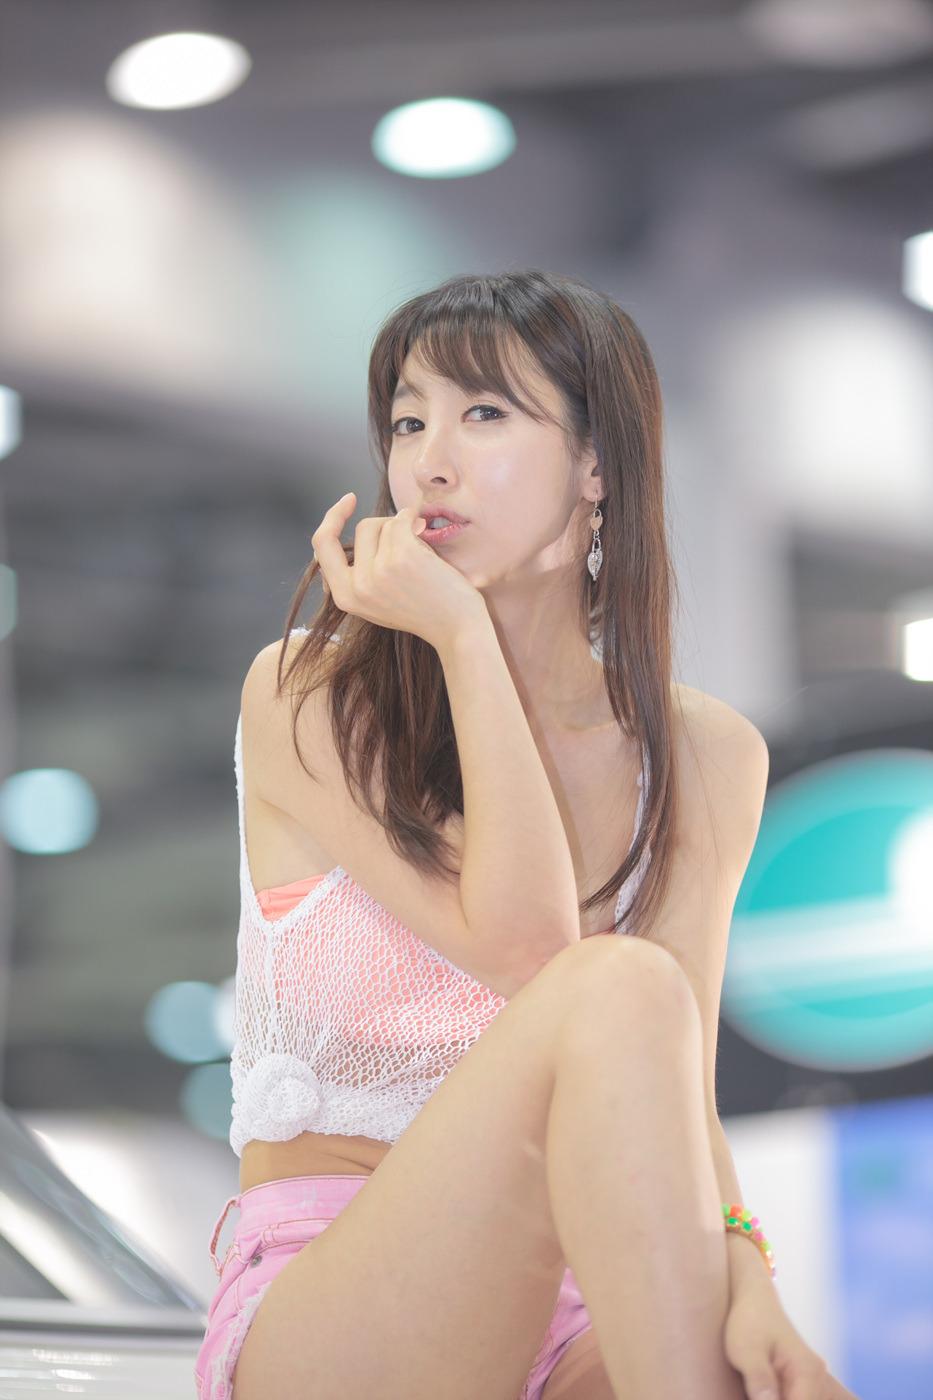 Shin Sun Ah at KIBS 2013 | Korean Models Photos Gallery: http://korean-models.blogspot.com/2013/06/shin-sun-ah-at-kibs-2013.html